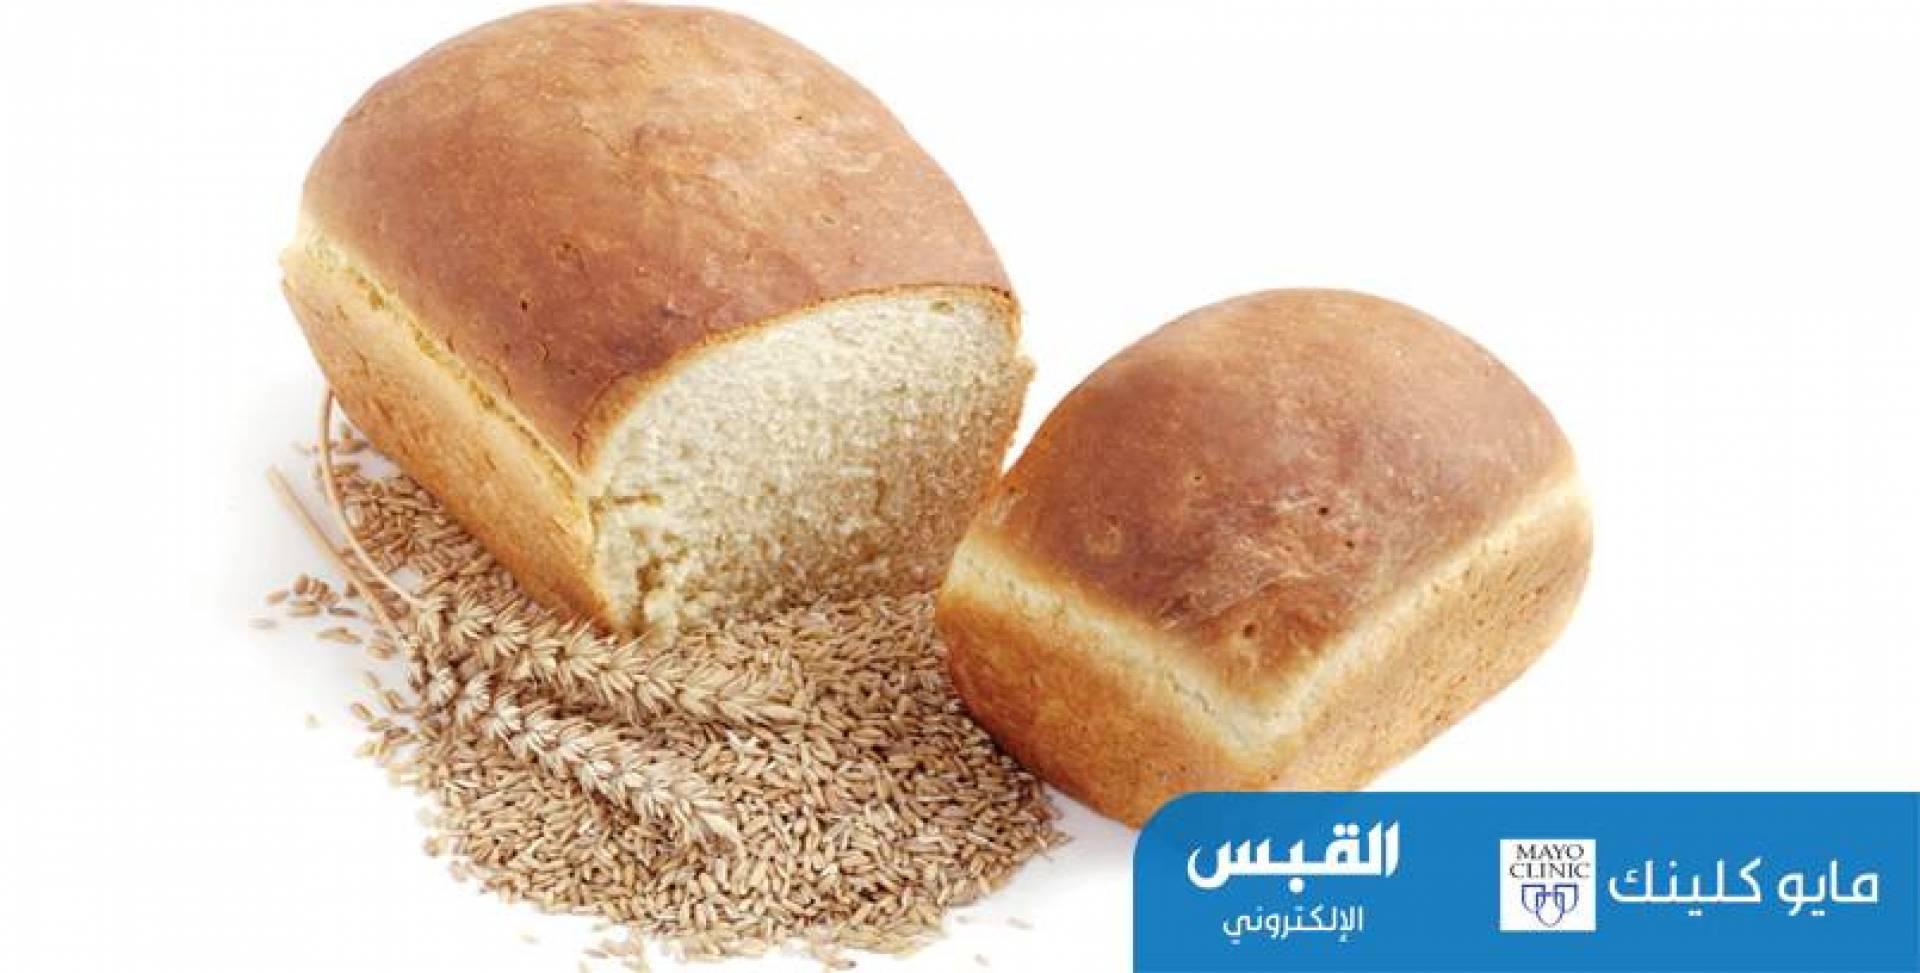 الخبز الأبيض المصنوع من القمح الكامل..هل يحتوي على قيمة غذائية؟